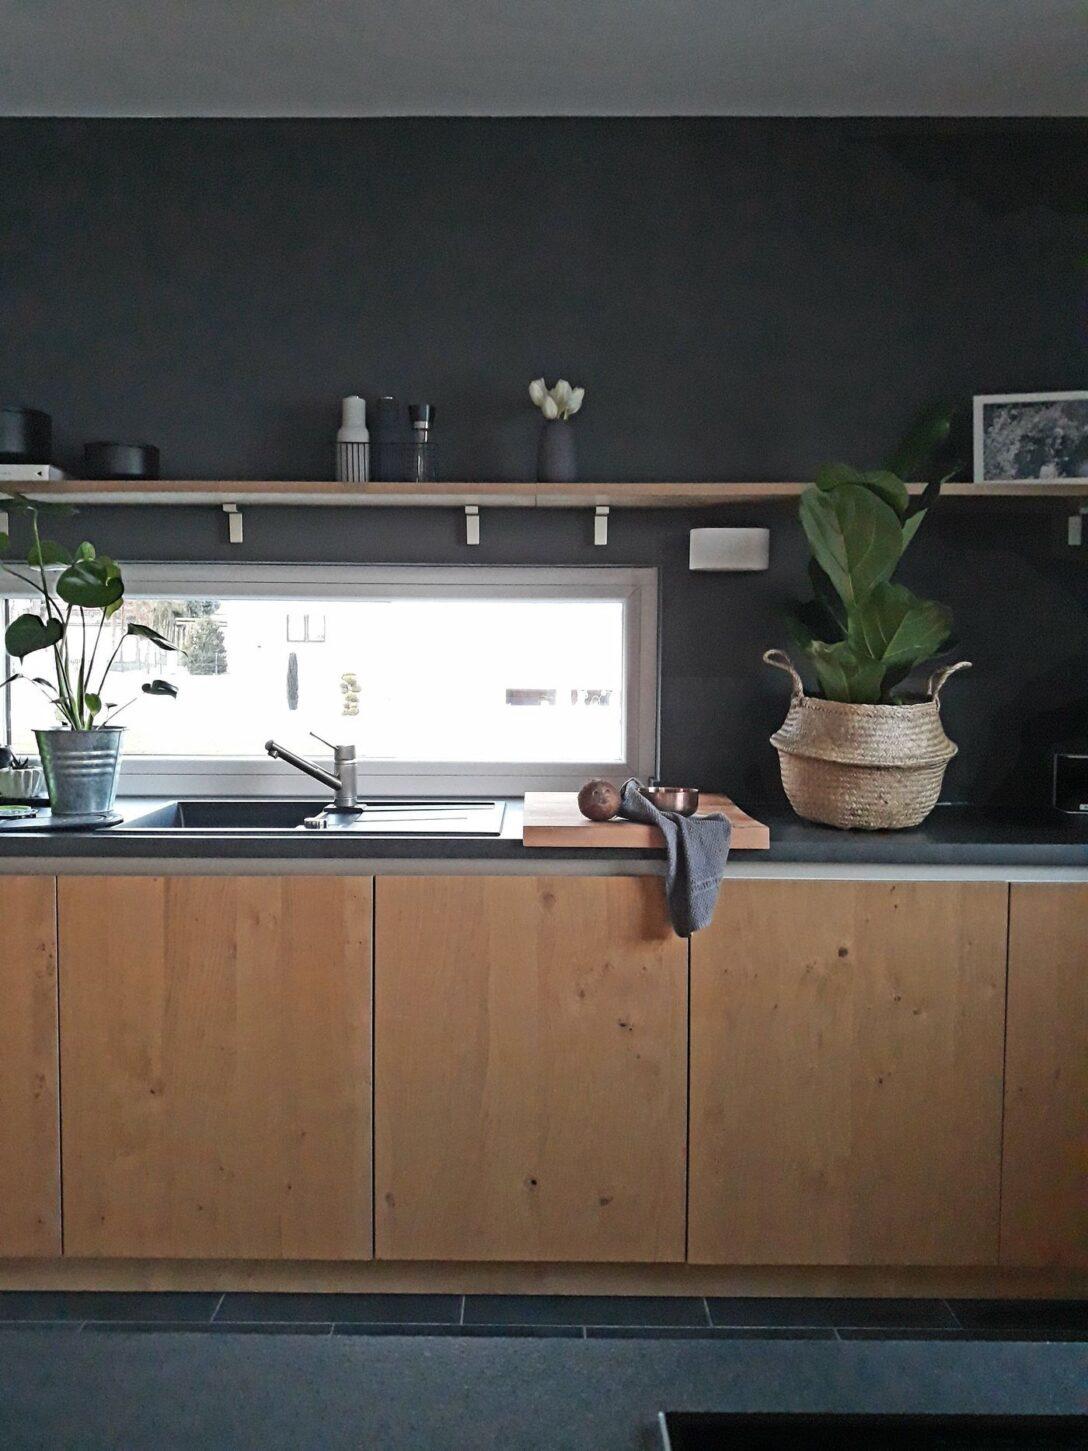 Large Size of Besten Ideen Fr Wandgestaltung In Der Kche Deckenleuchten Küche Pentryküche Landhausküche Grau Nolte Blende Holzofen Holzfliesen Bad Fliesen Fürs Wohnzimmer Fliesen Küche Beispiele